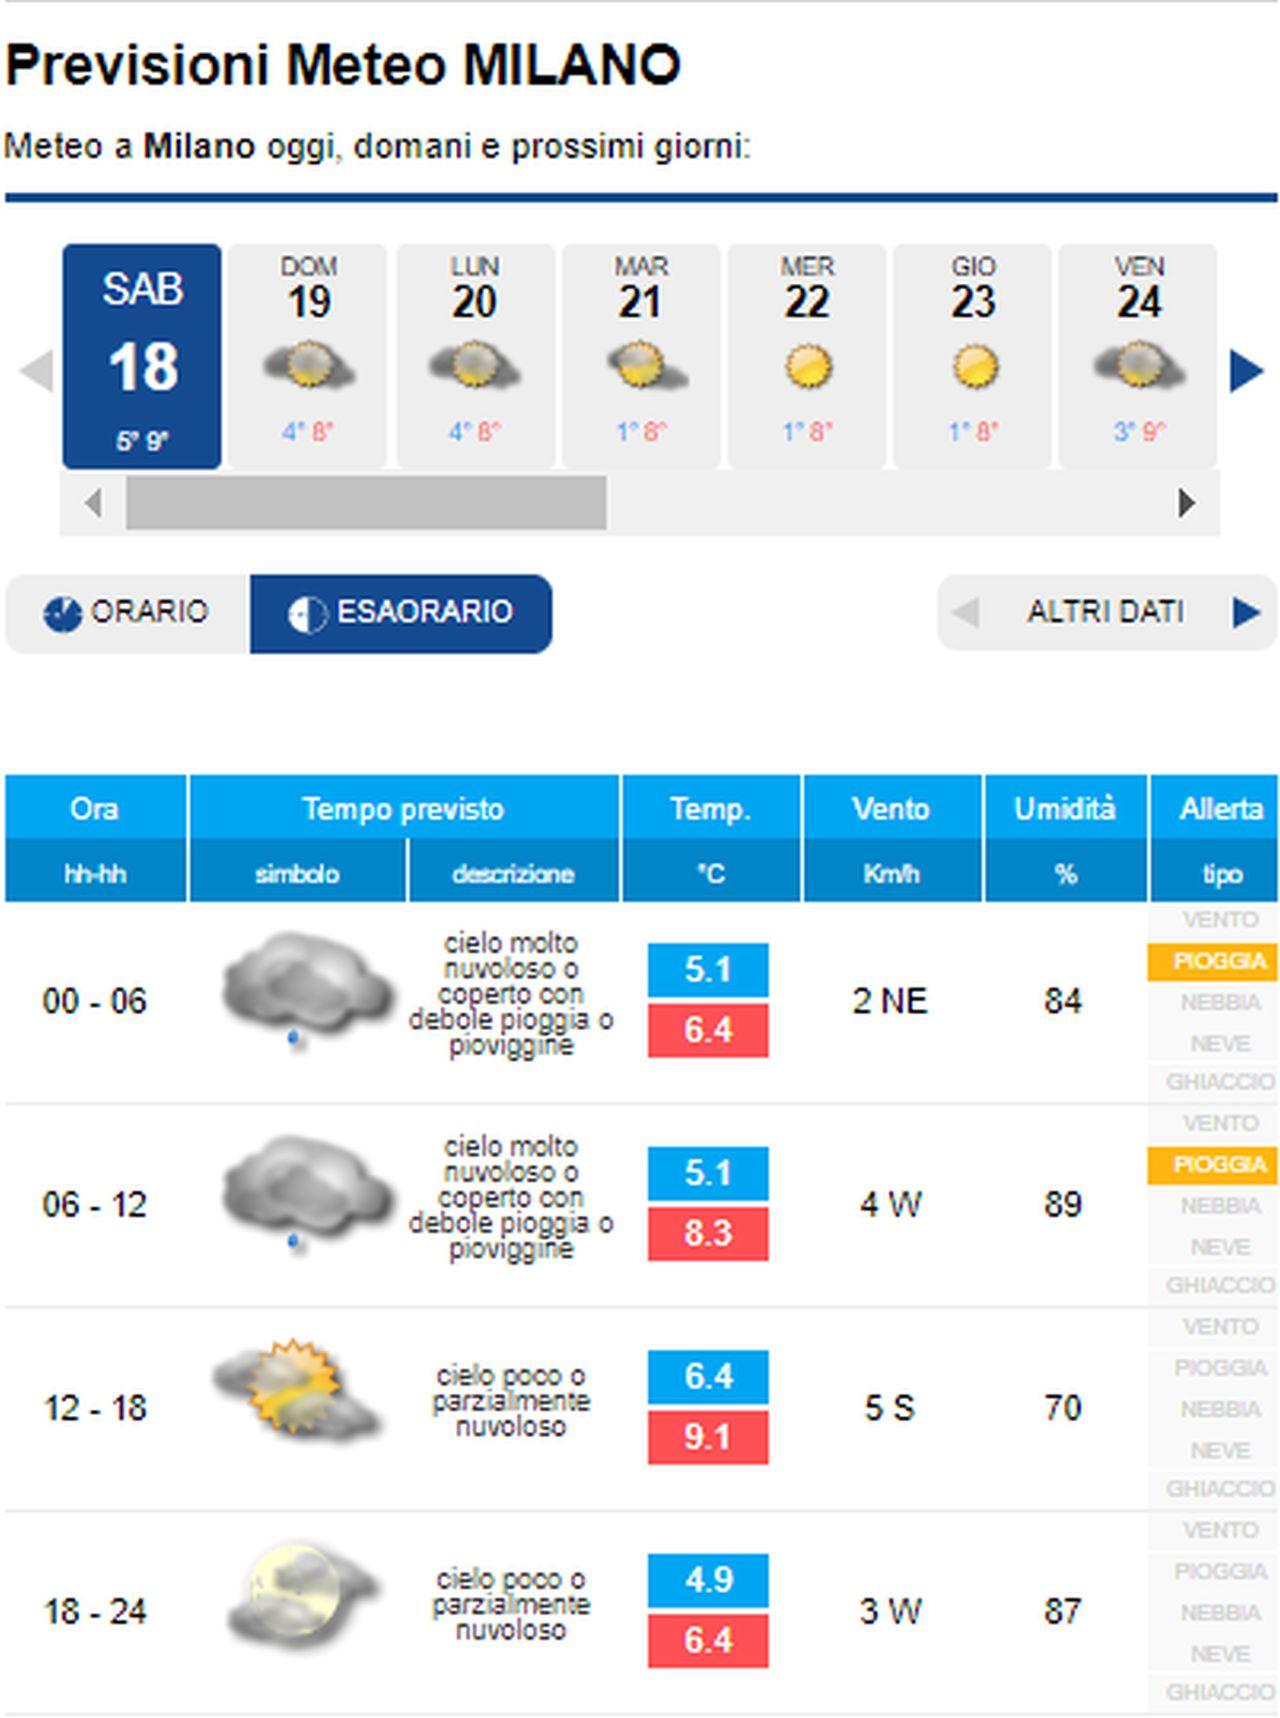 METEO MILANO - MALTEMPO con temperature in CALO, ma presto ...